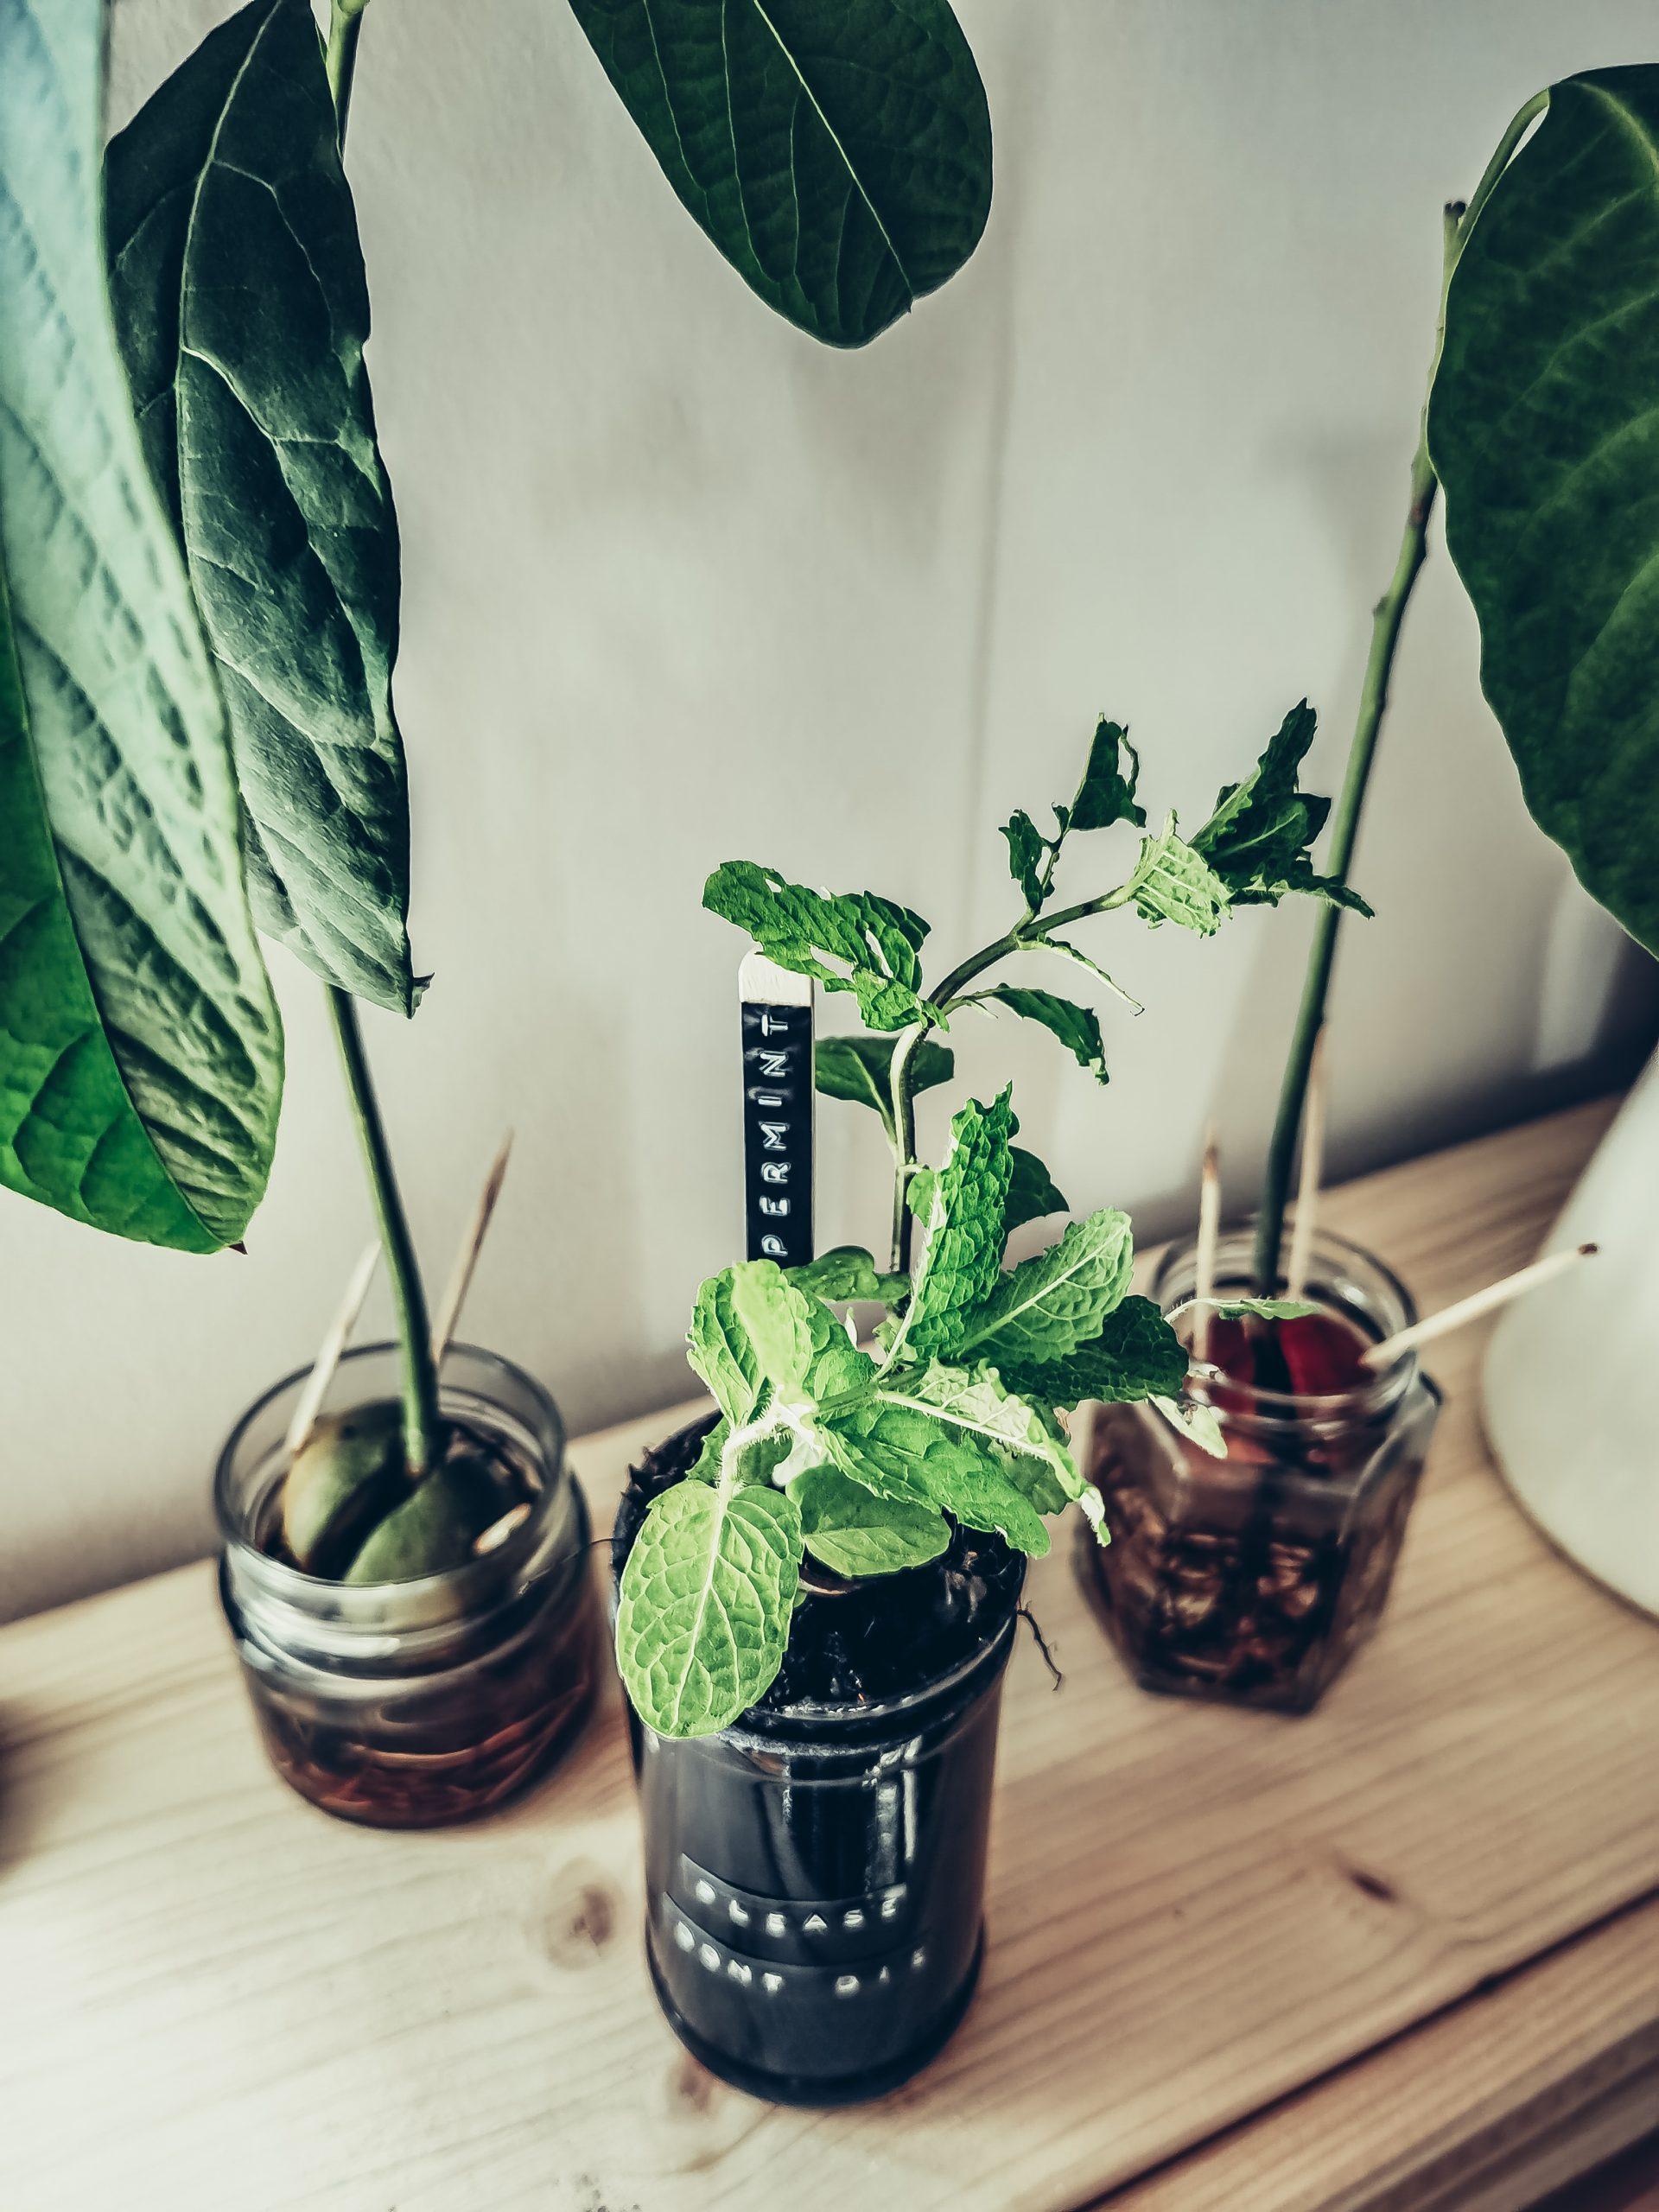 IMG 20210515 135200 scaled - Selbstbewässernder Blumentopf aus leeren Flaschen